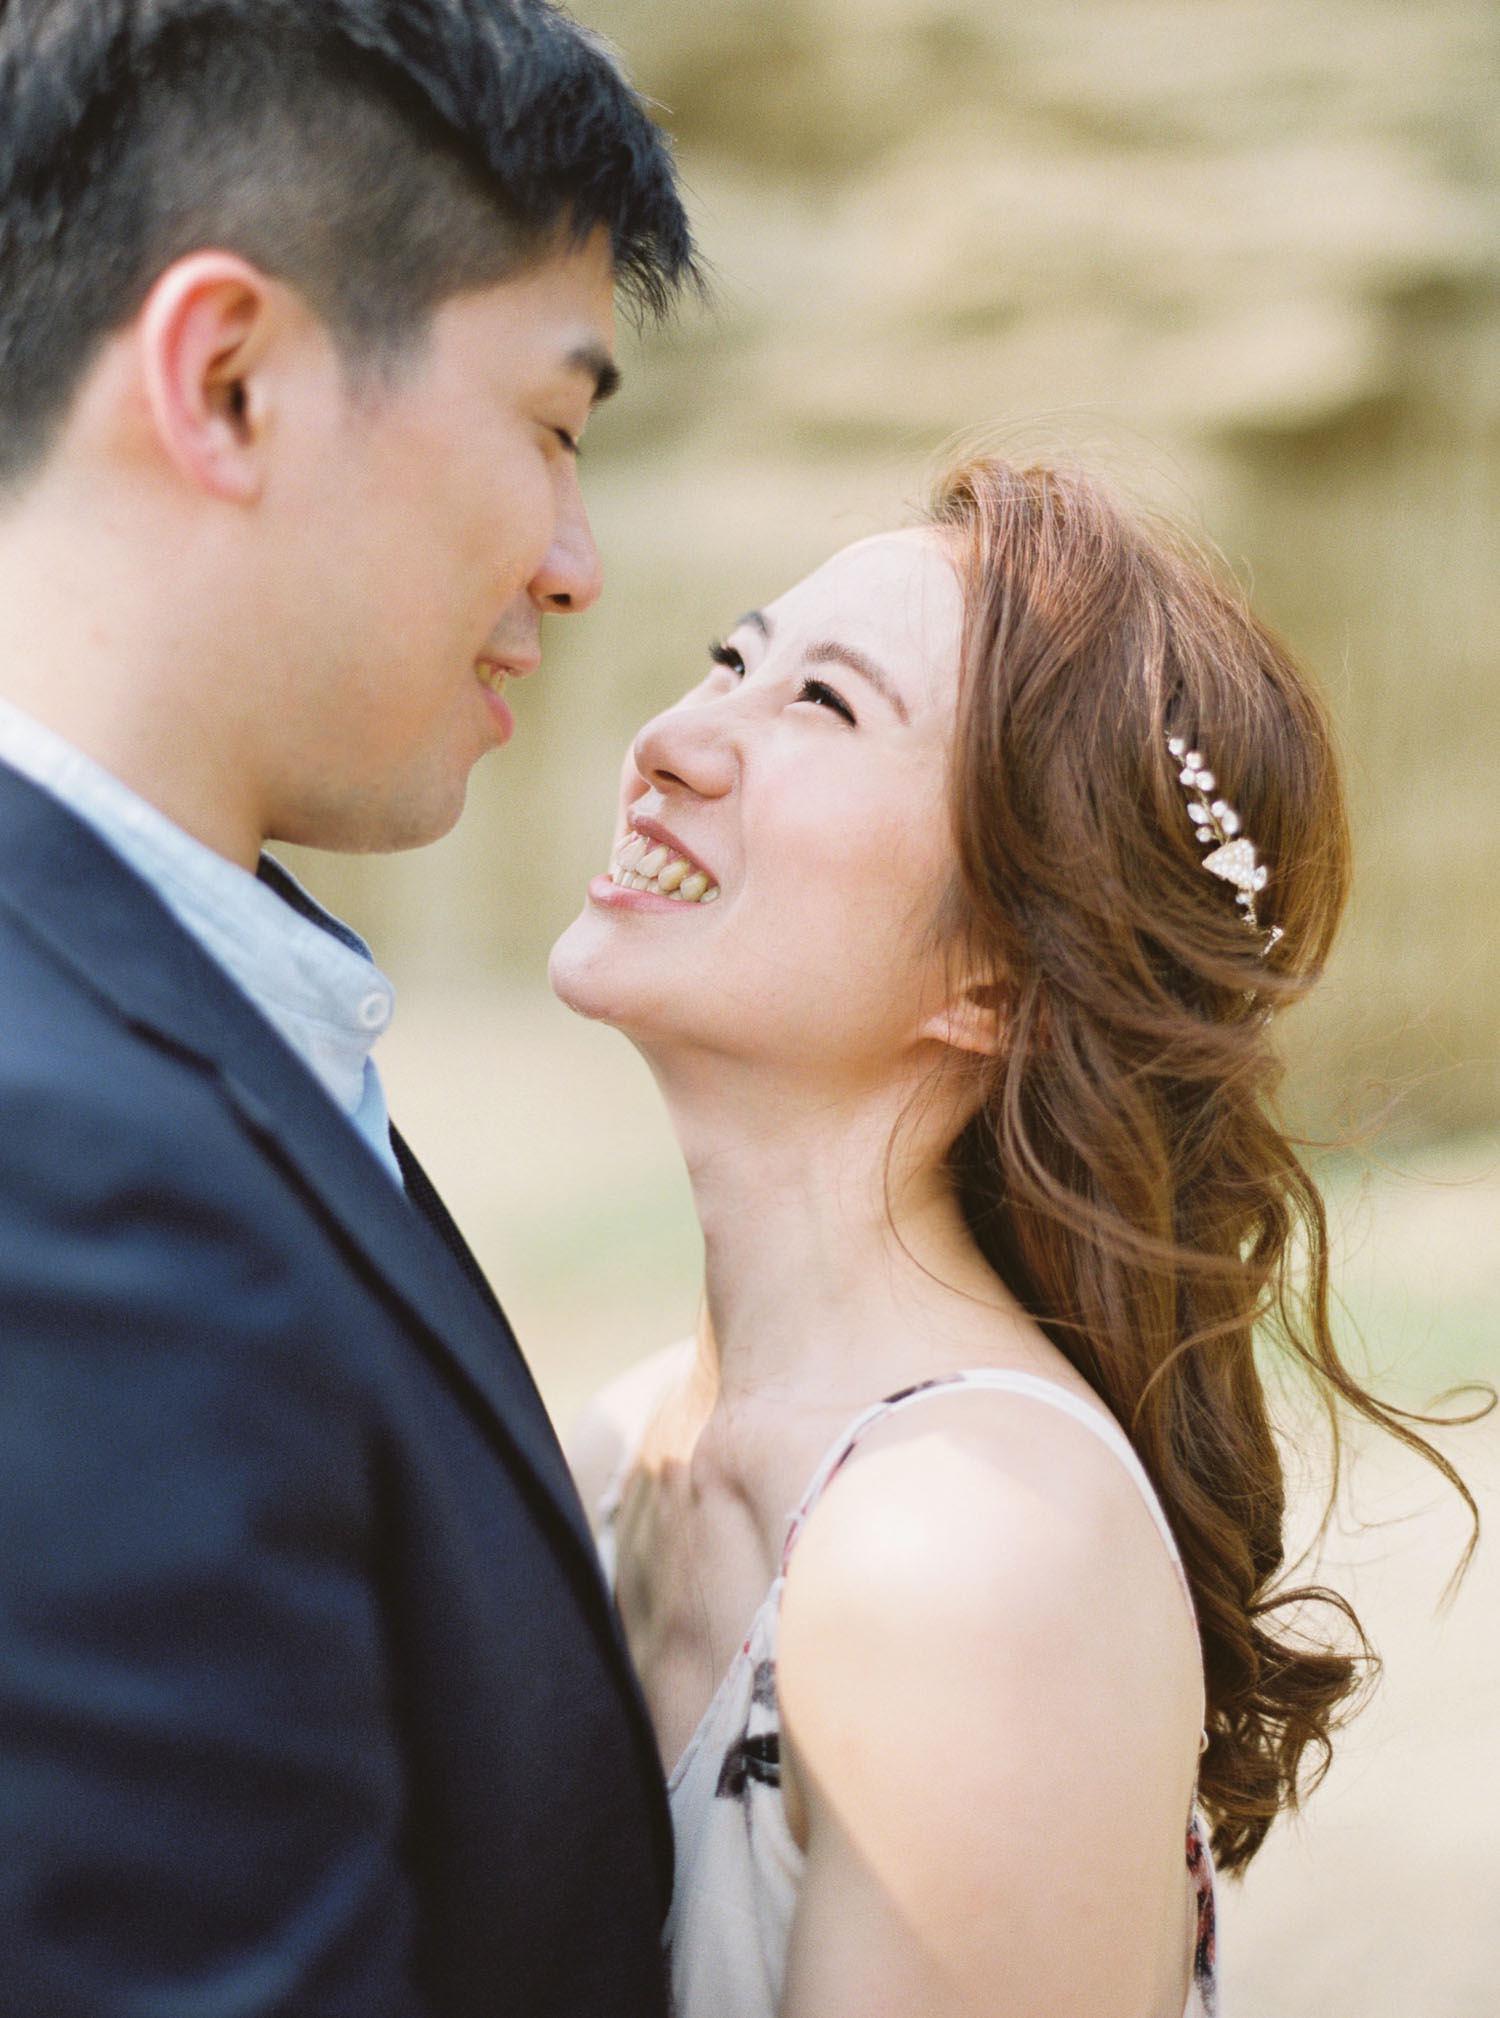 便服婚紗-Mark-情感-互動-底片-攝影